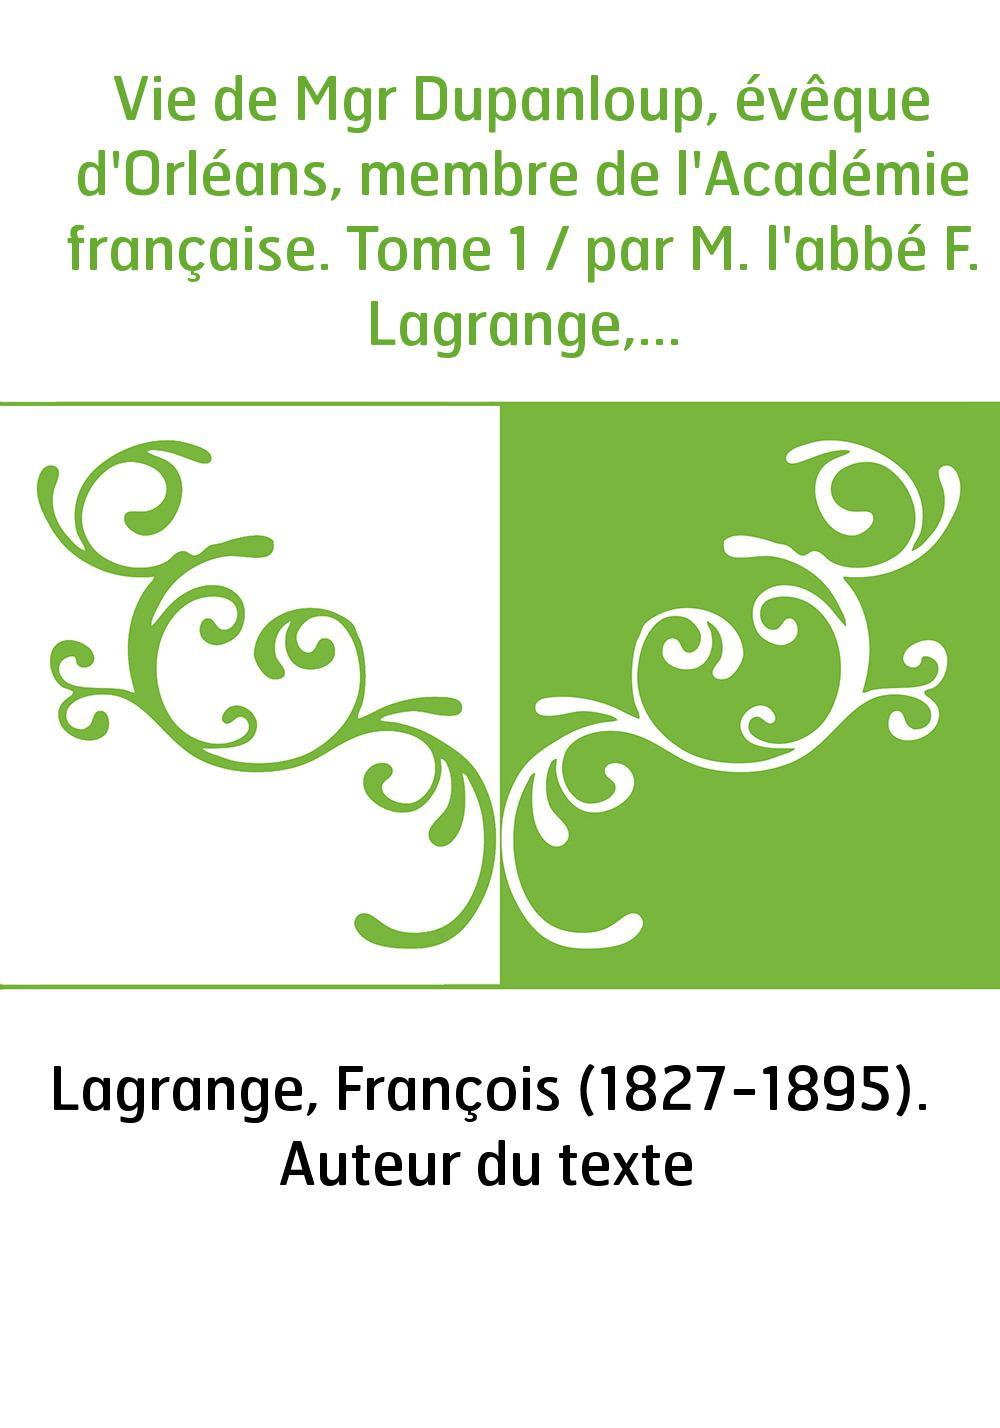 Vie de Mgr Dupanloup, évêque d'Orléans, membre de l'Académie française. Tome 1 / par M. l'abbé F. Lagrange,...